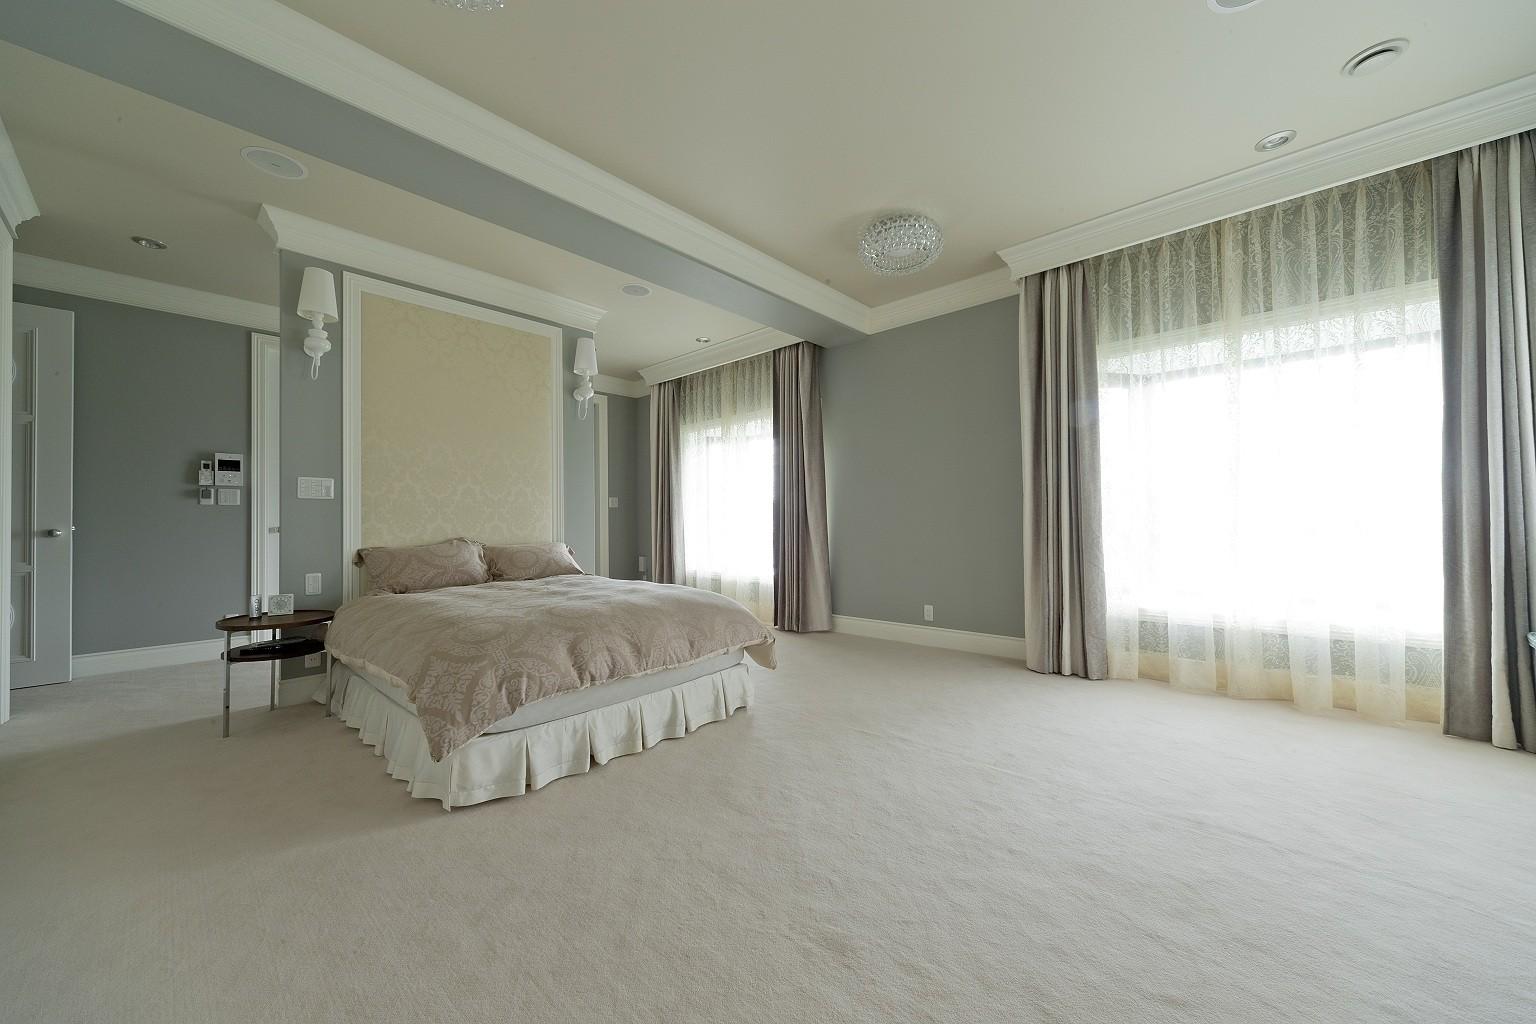 ホテルライクなベッドルーム (ホテルライクなベッドルーム)